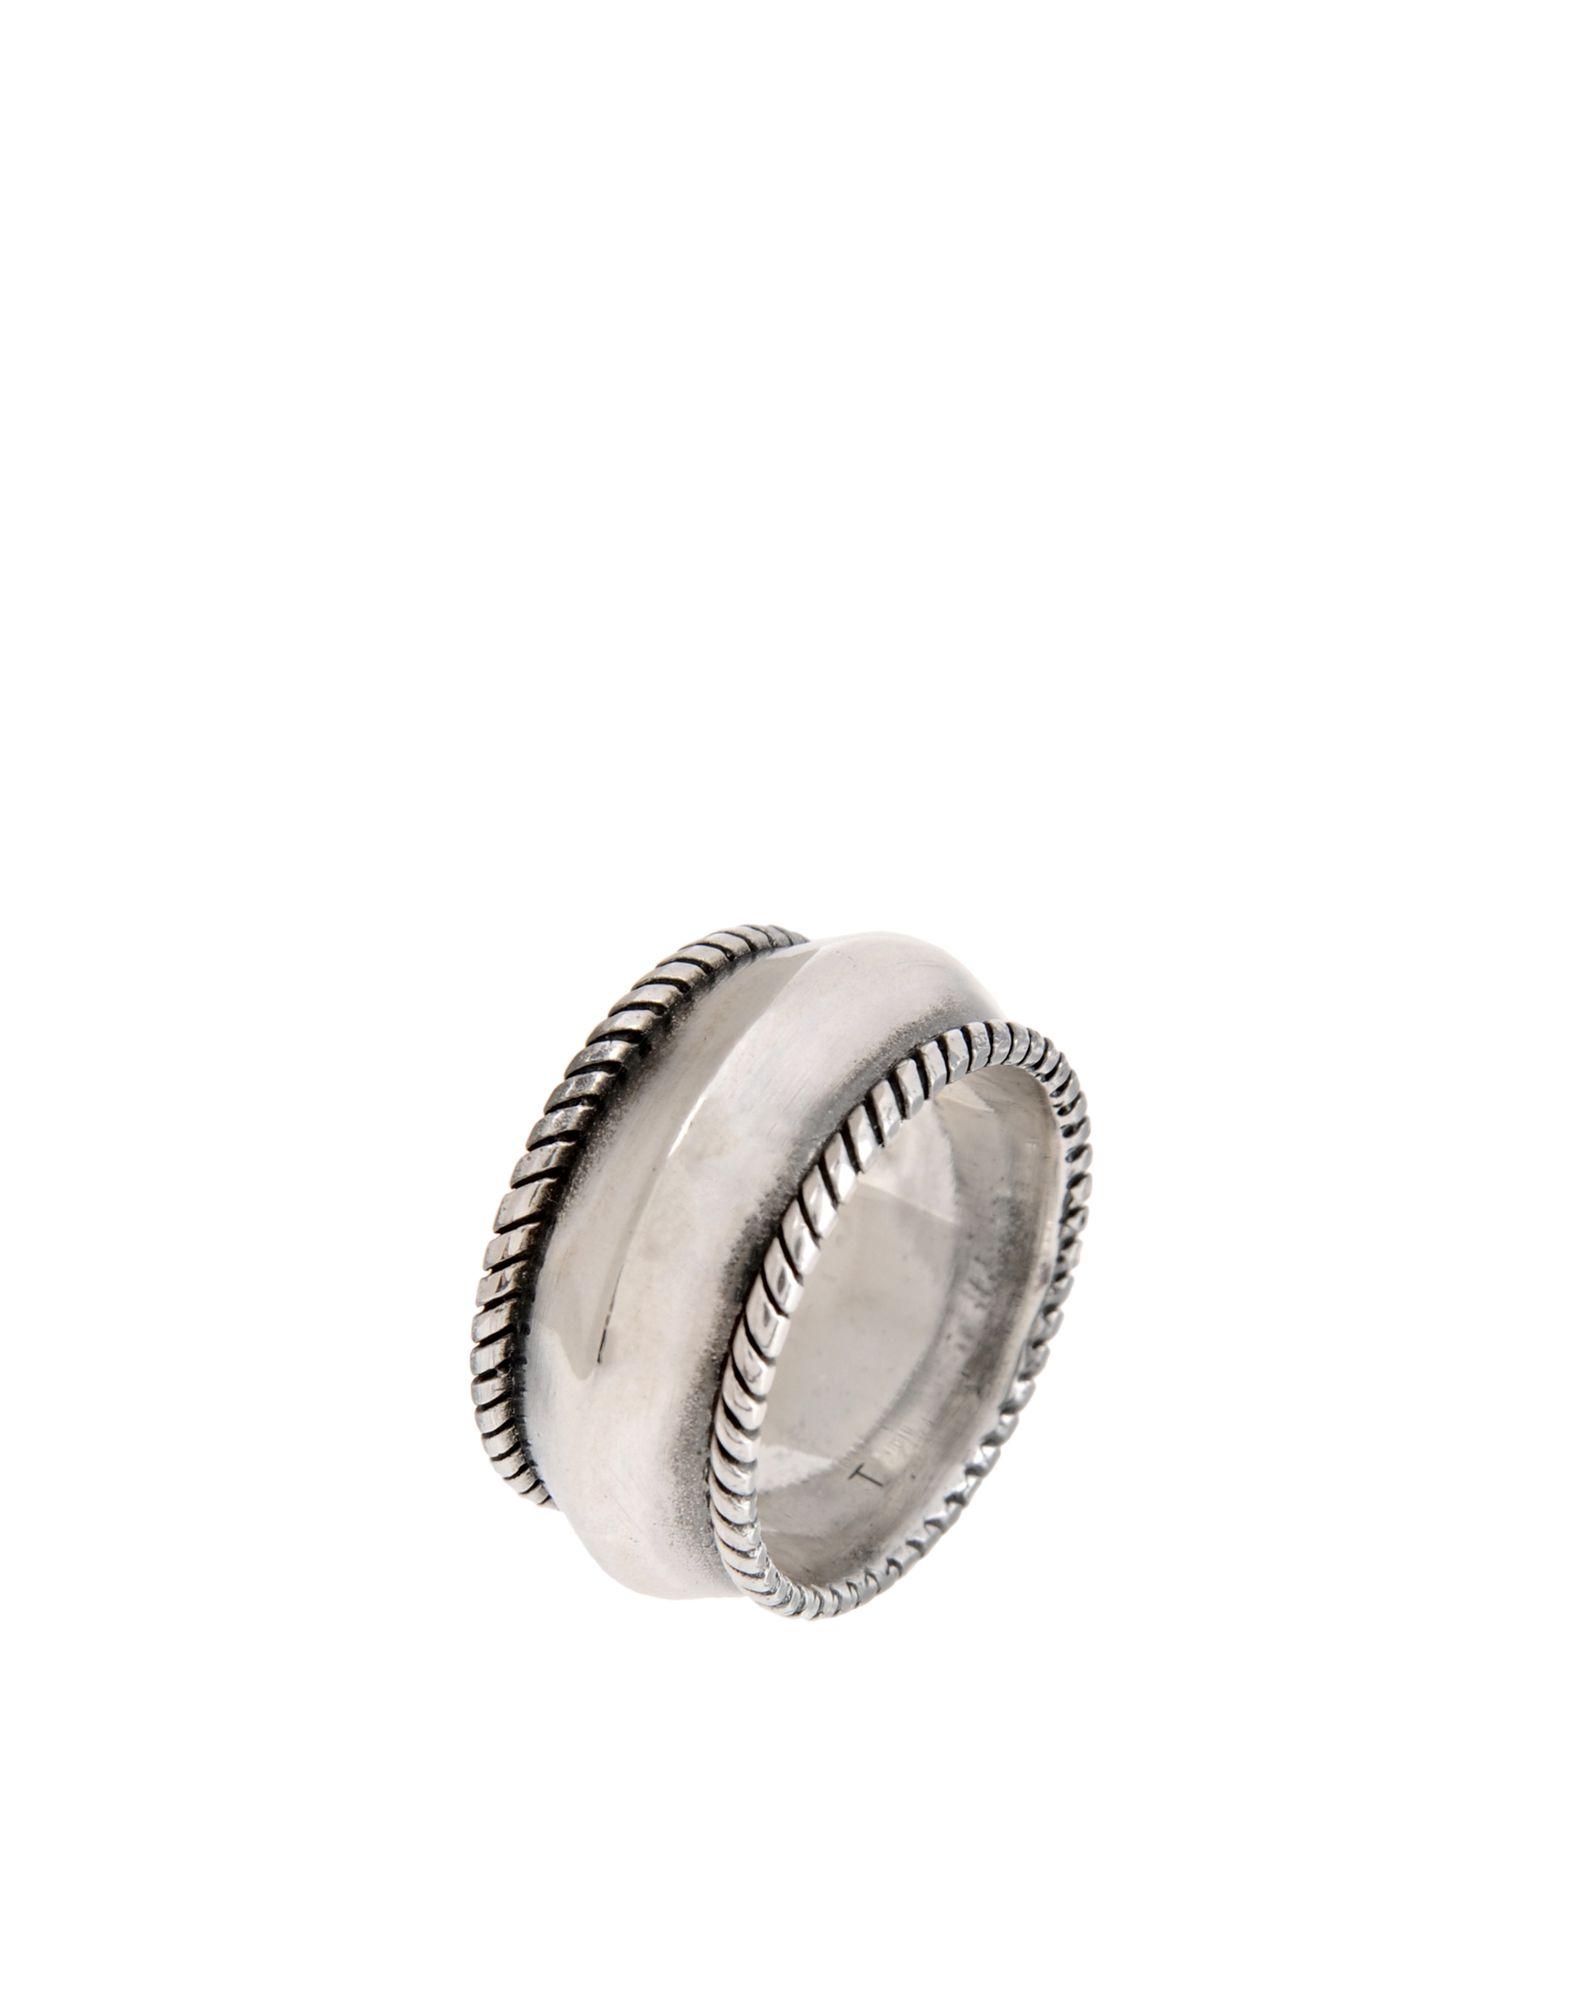 《セール開催中》FIRST PEOPLE FIRST メンズ 指輪 シルバー 10 シルバー925/1000 THICK EDGE BAND